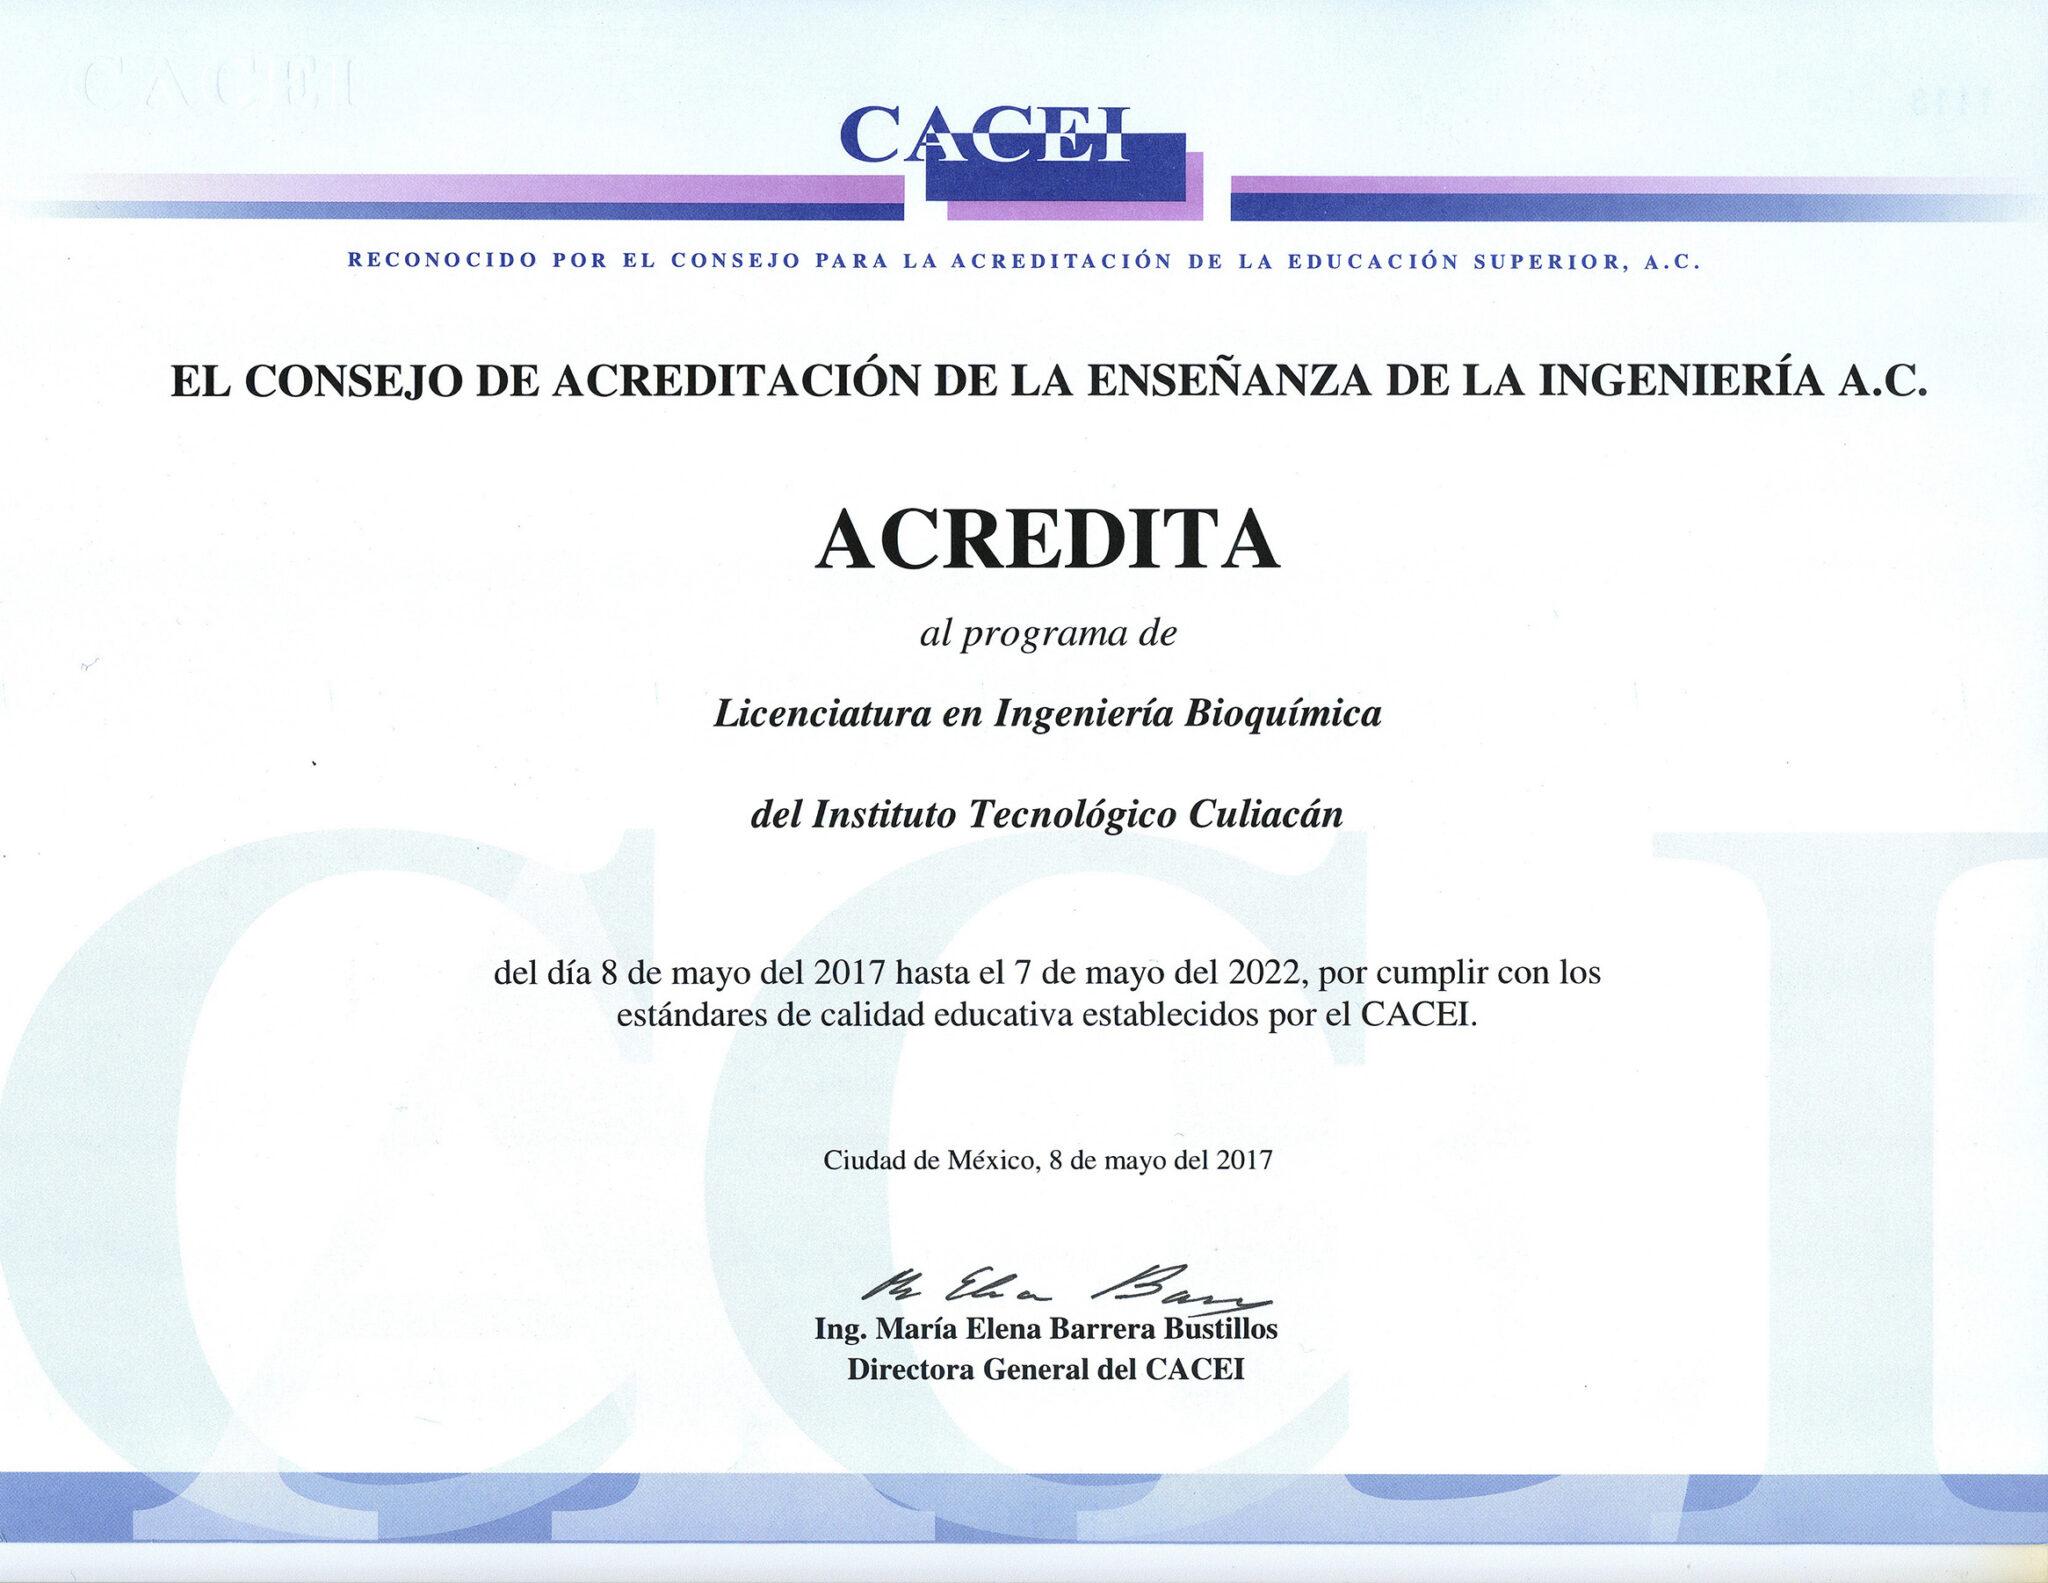 ACREDITACION BIOQUIMICA 2017-2022